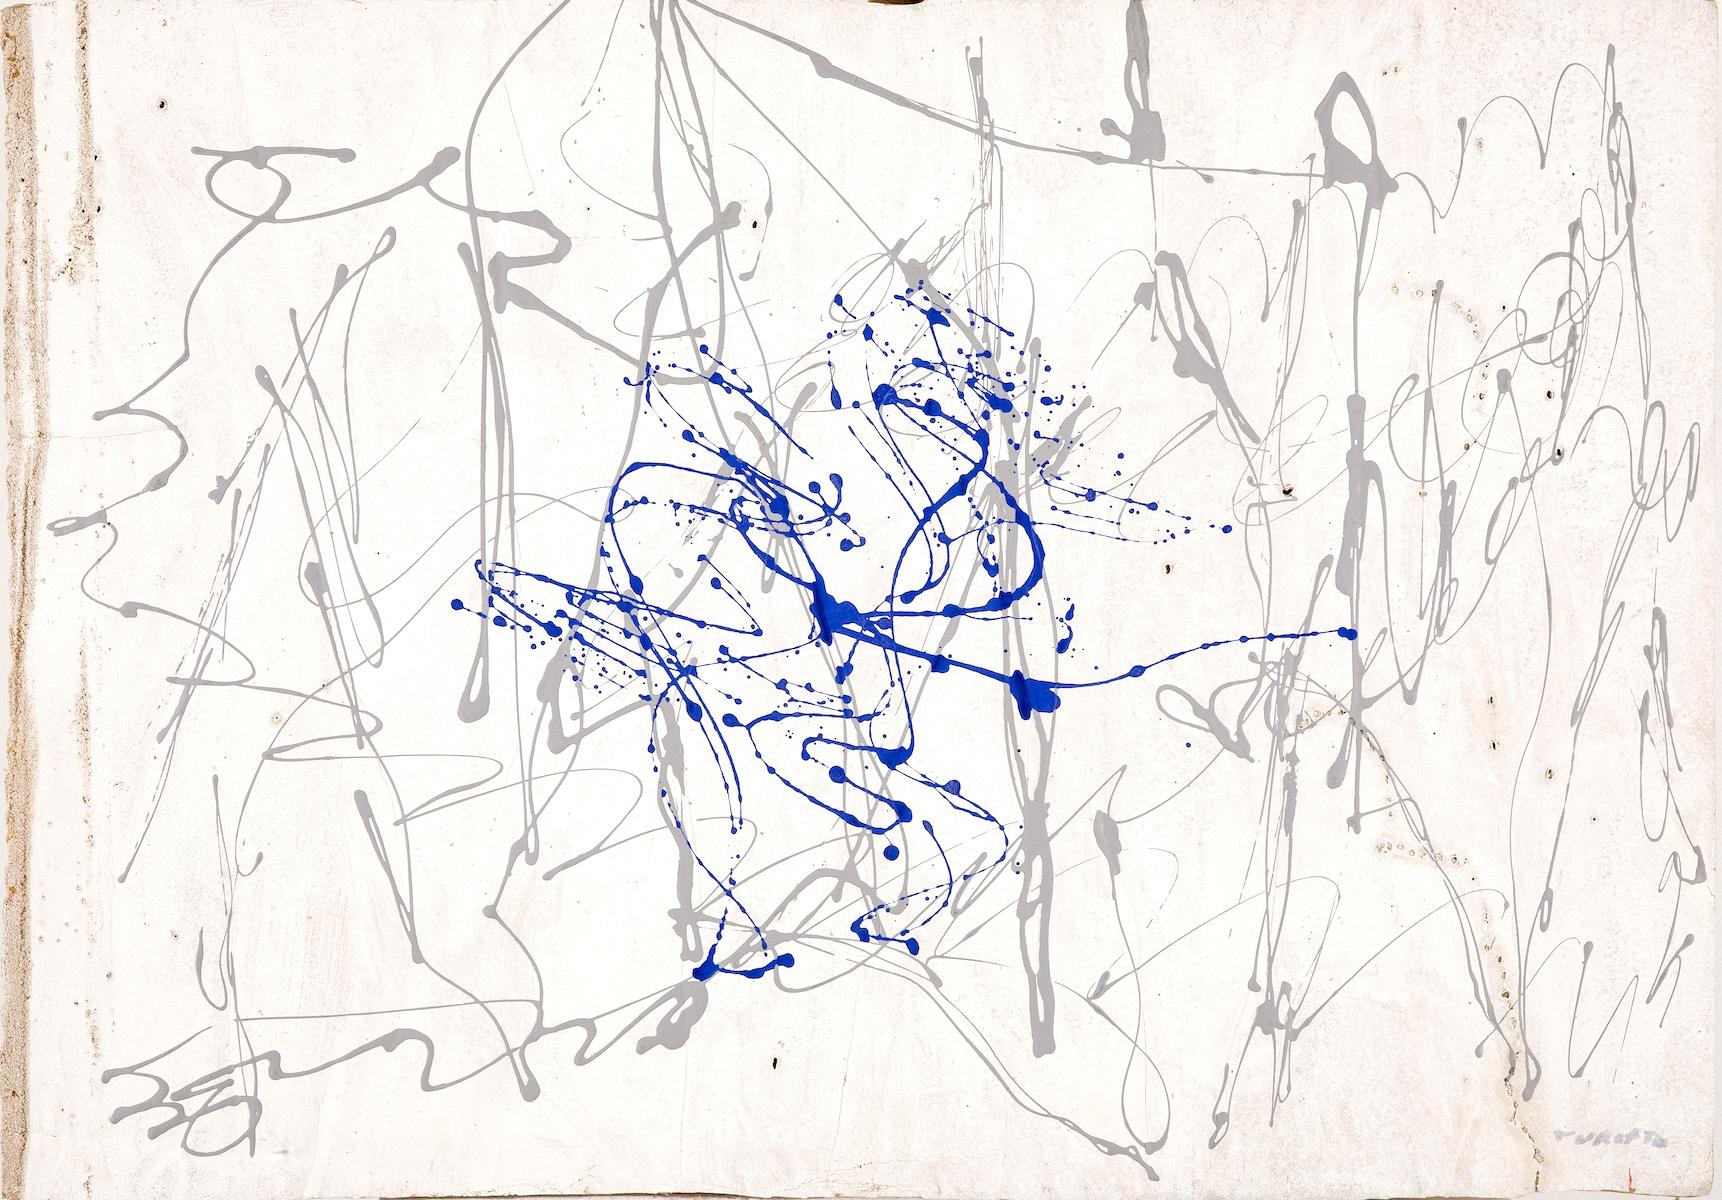 1970, olio e tecnica mista su gommapiuma, cm 70x100